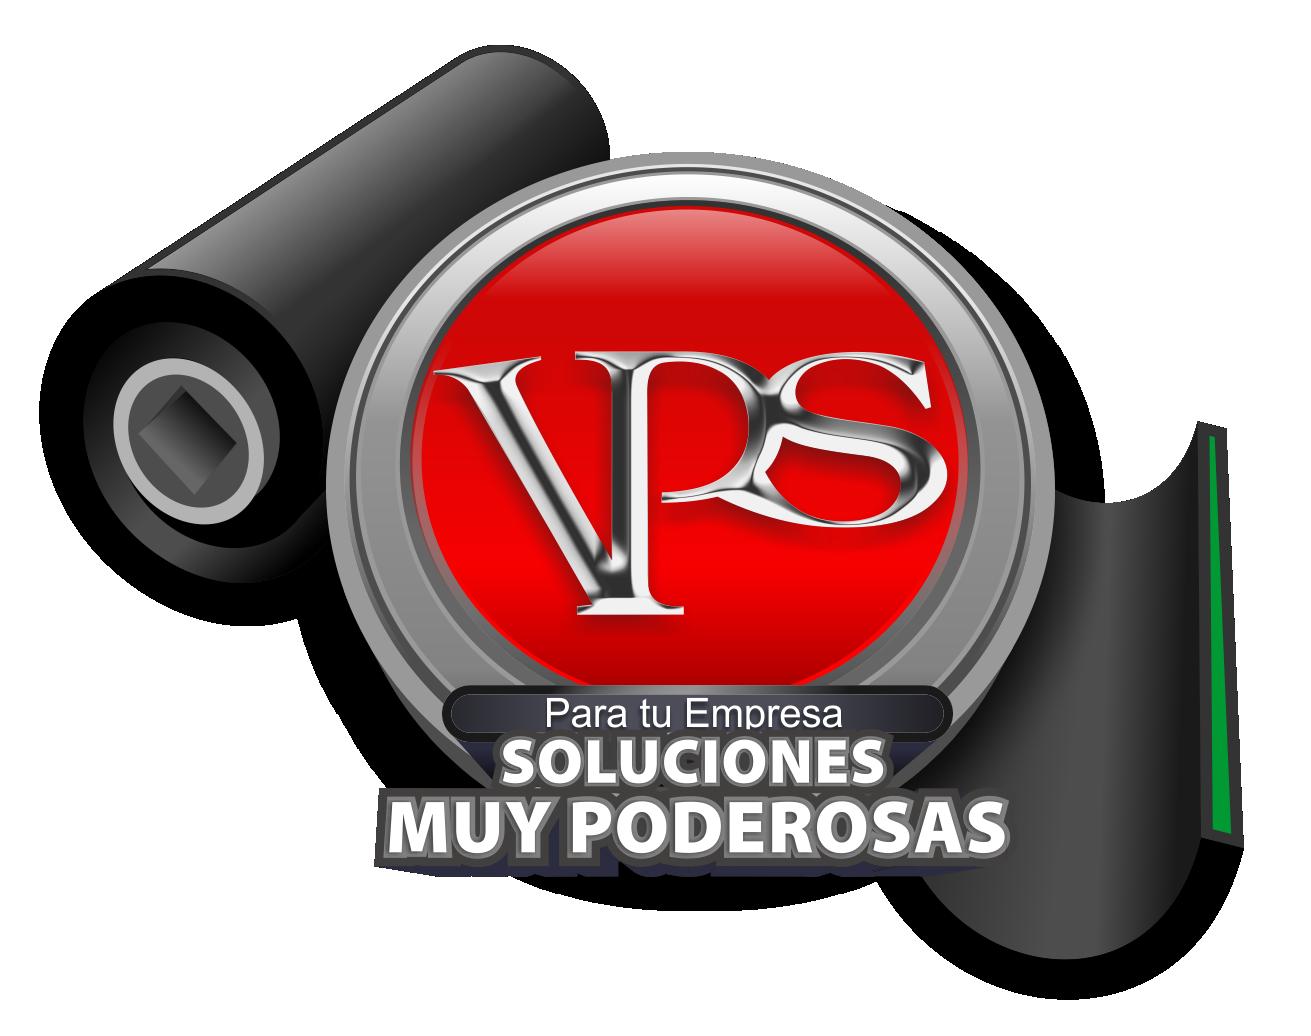 logotipo_vps_ft.png